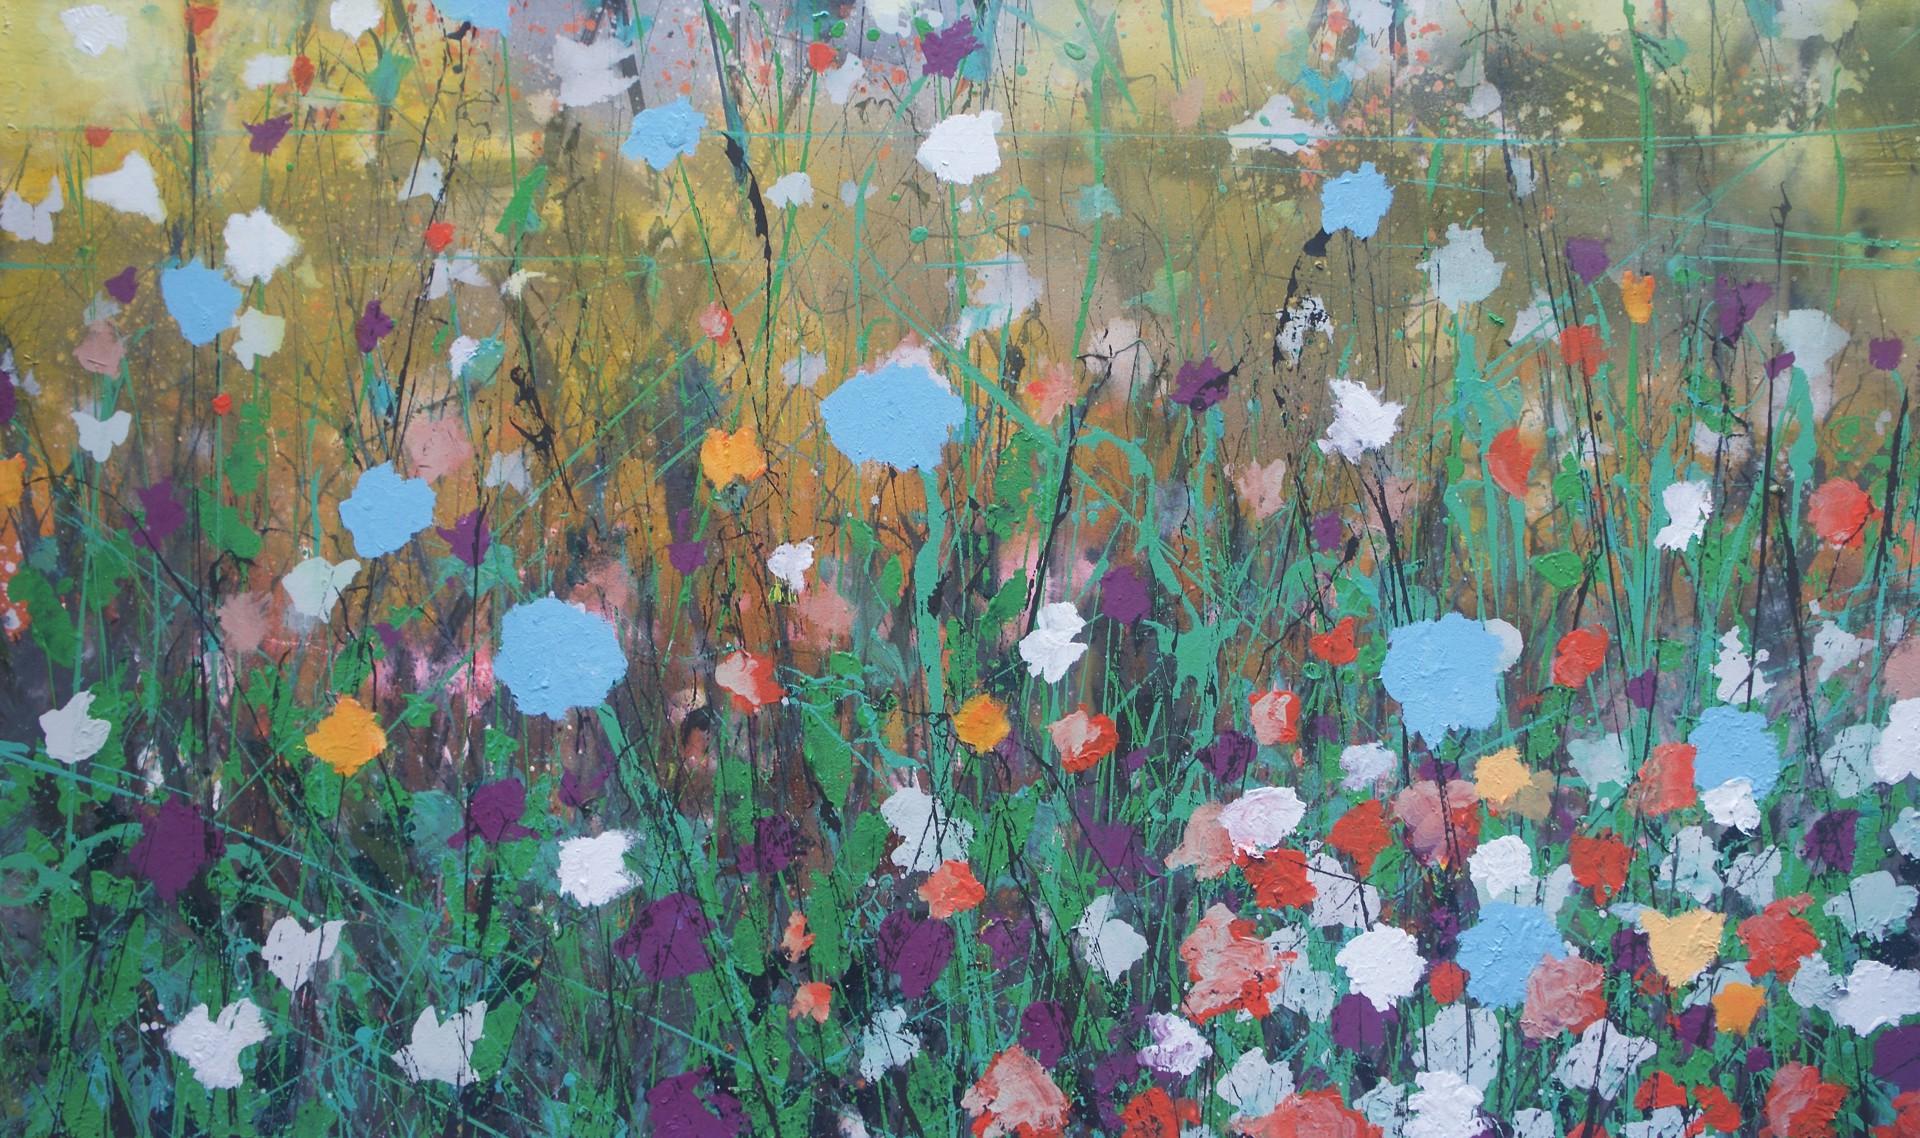 Spring by Kevin Greer